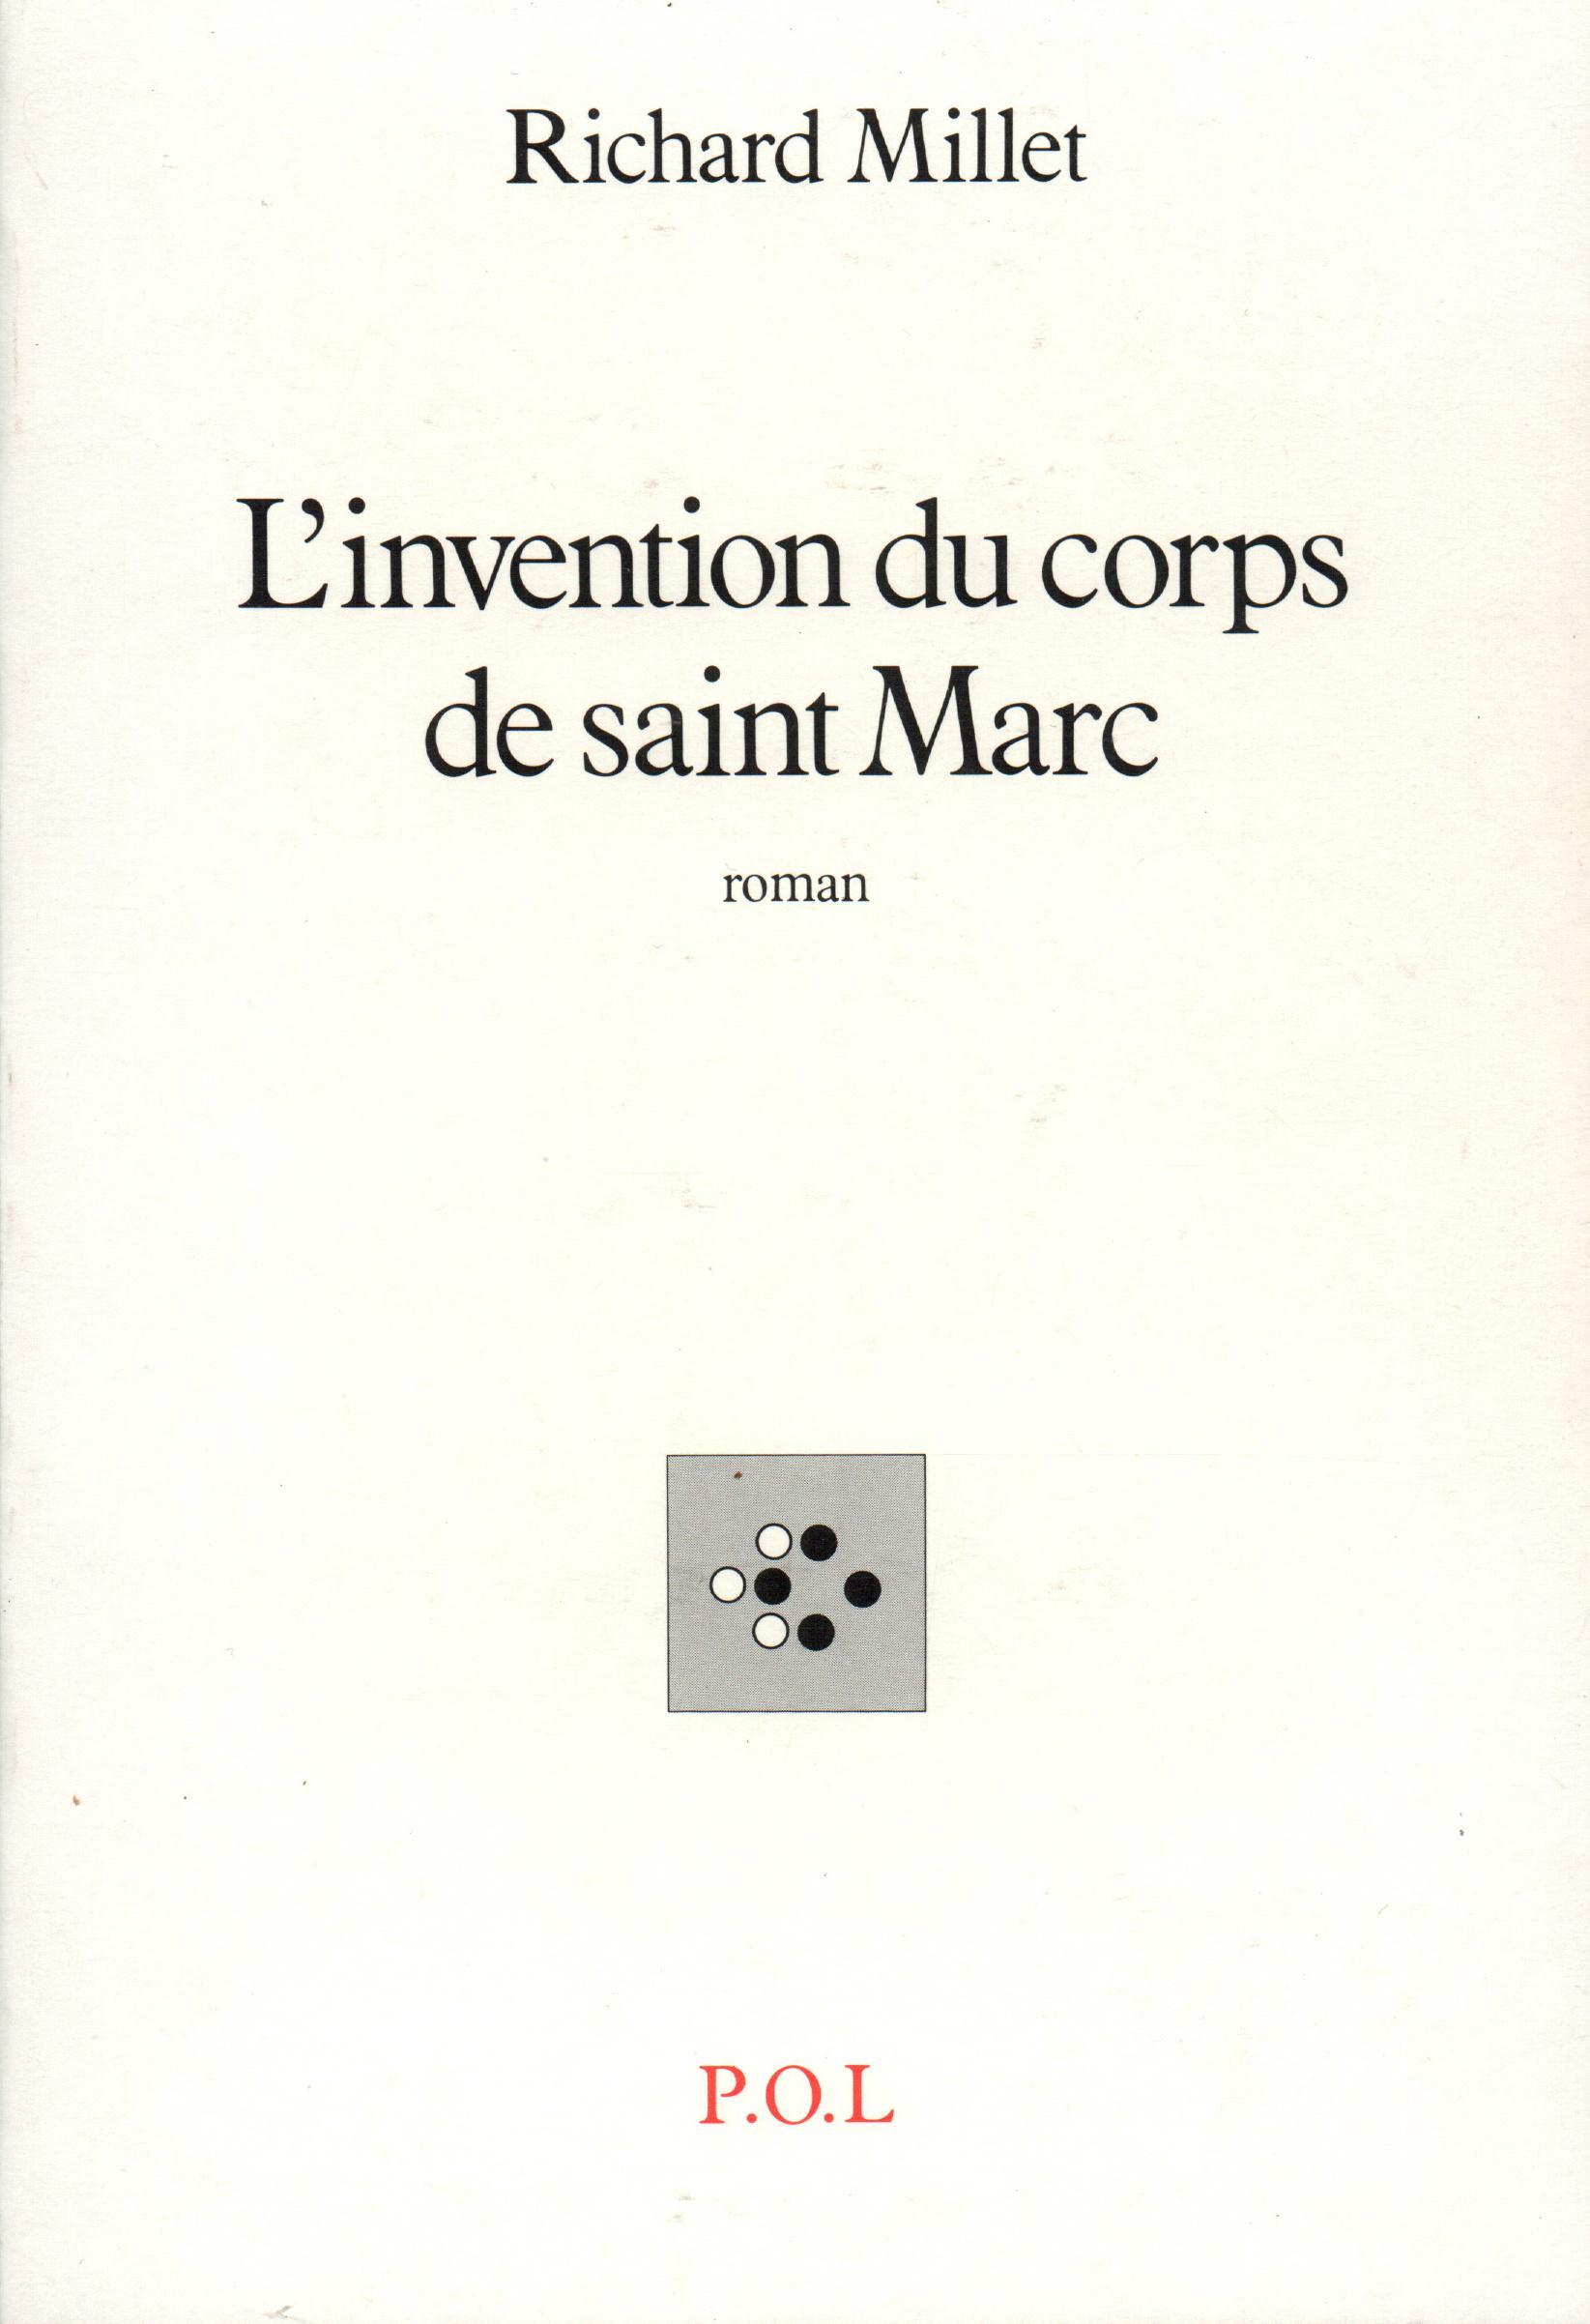 L'Invention du corps de saint Marc